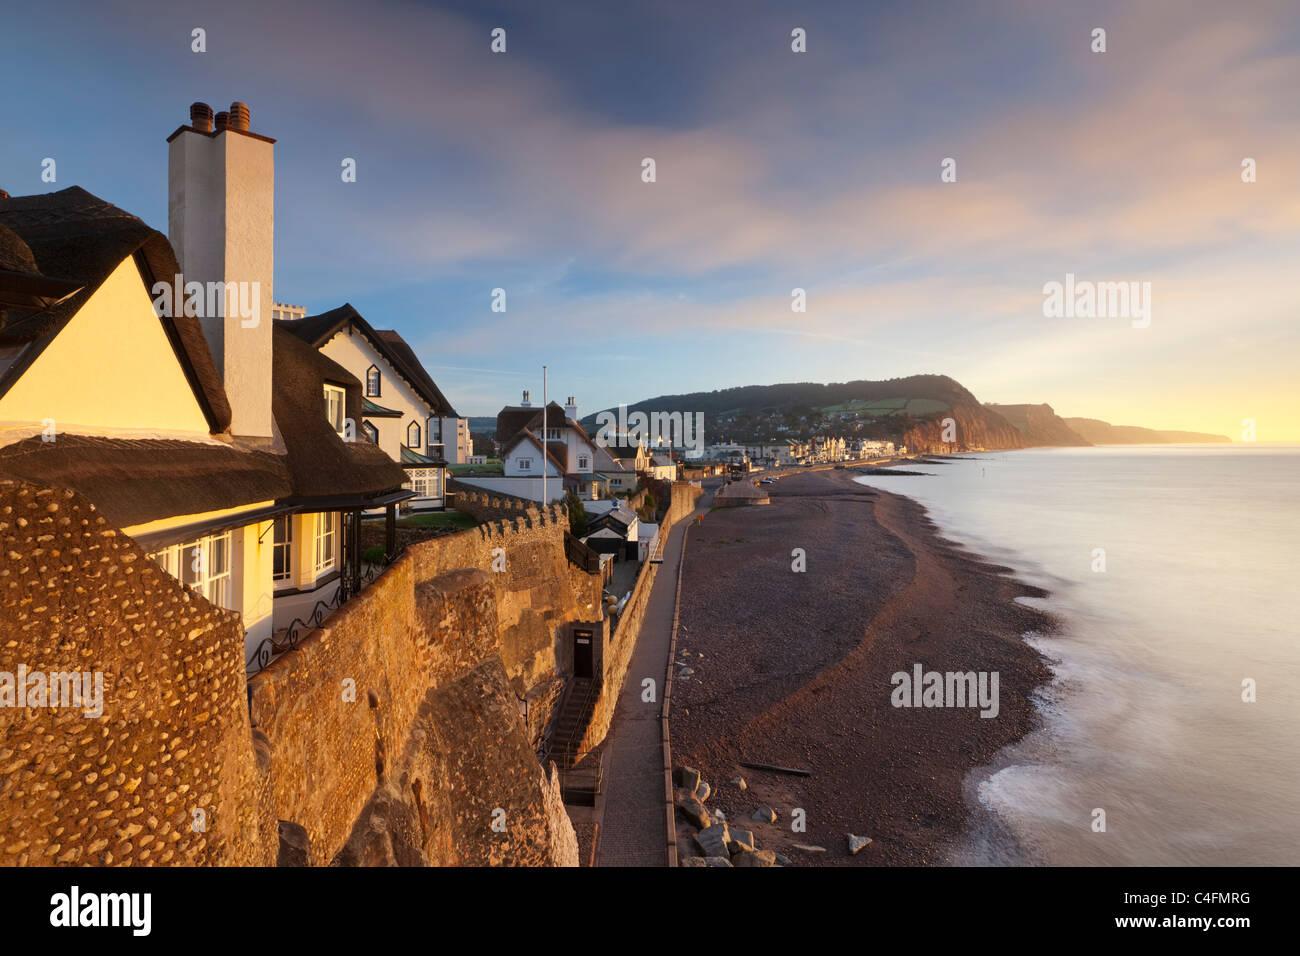 Vue sur les maisons avec vue sur mer, Sidmouth, Cornwall, Devon, Angleterre. L'hiver (février) 2011. Photo Stock